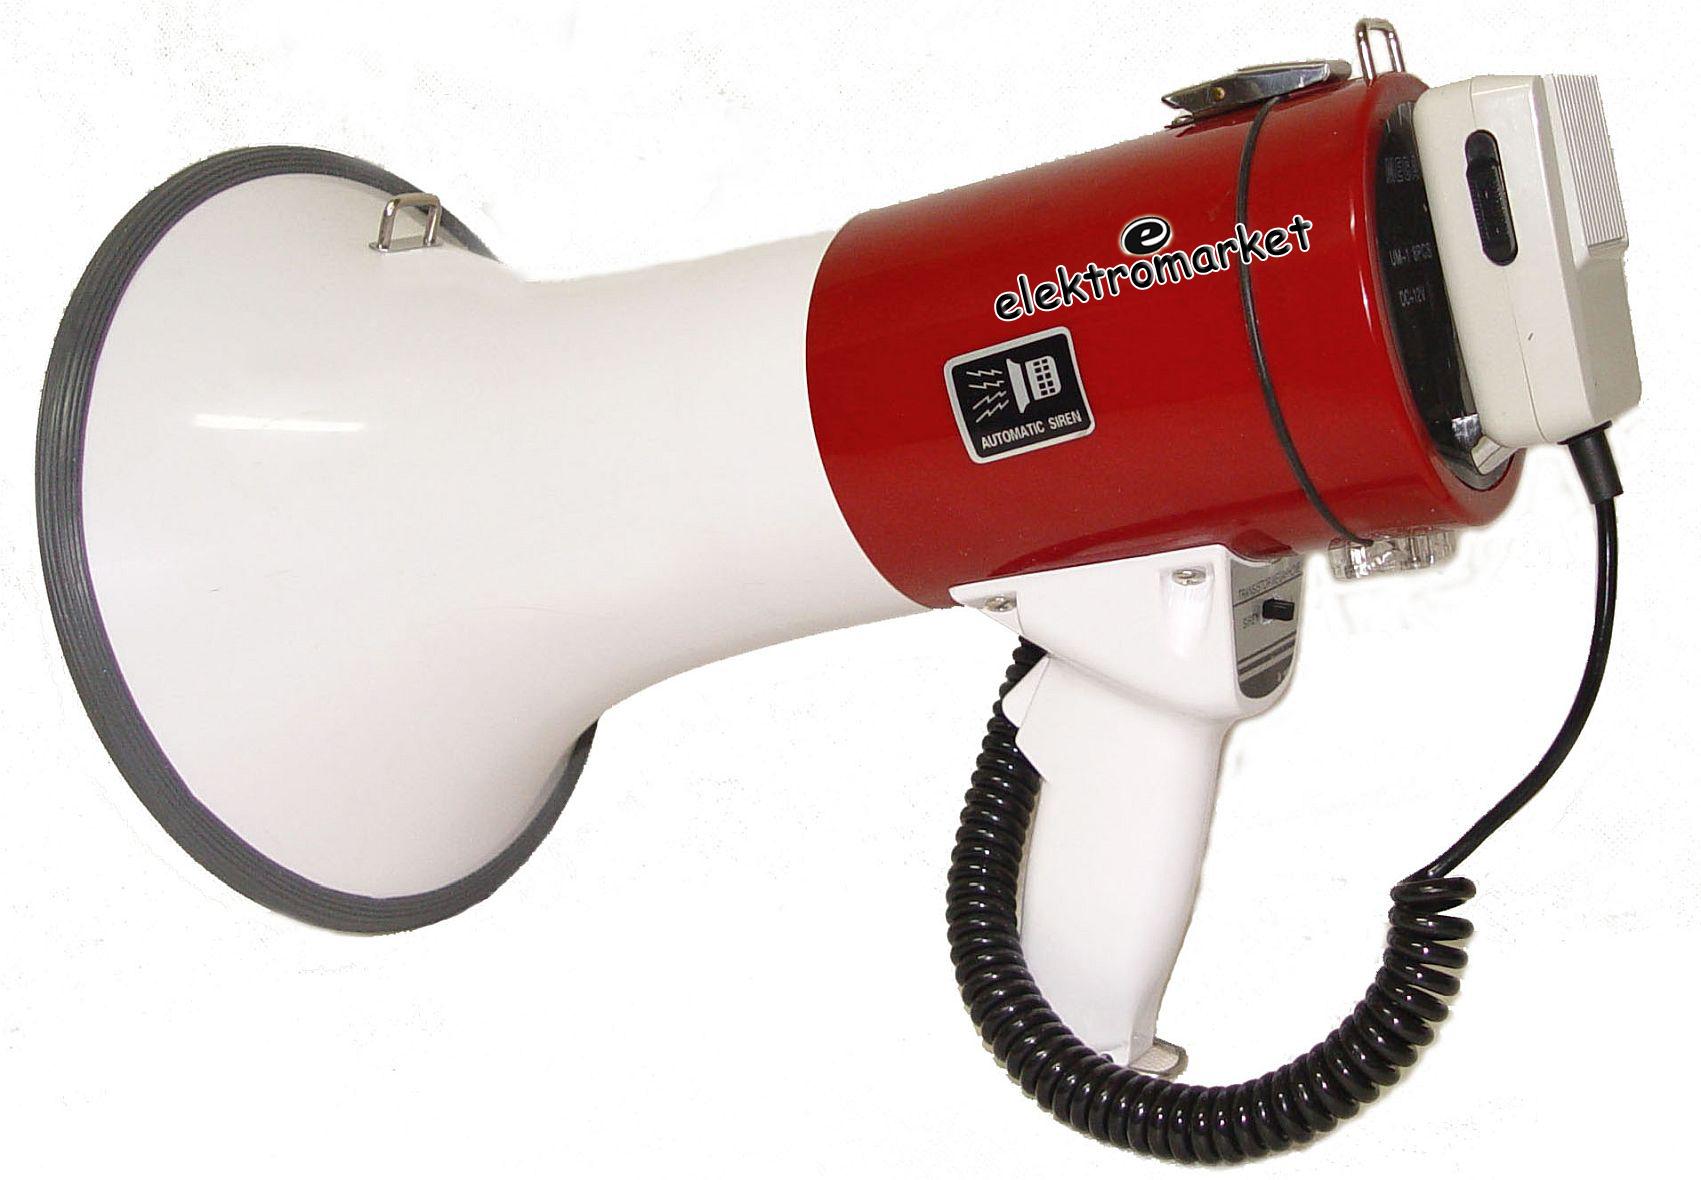 megafon DH-09 z podczepionym mikrofonem